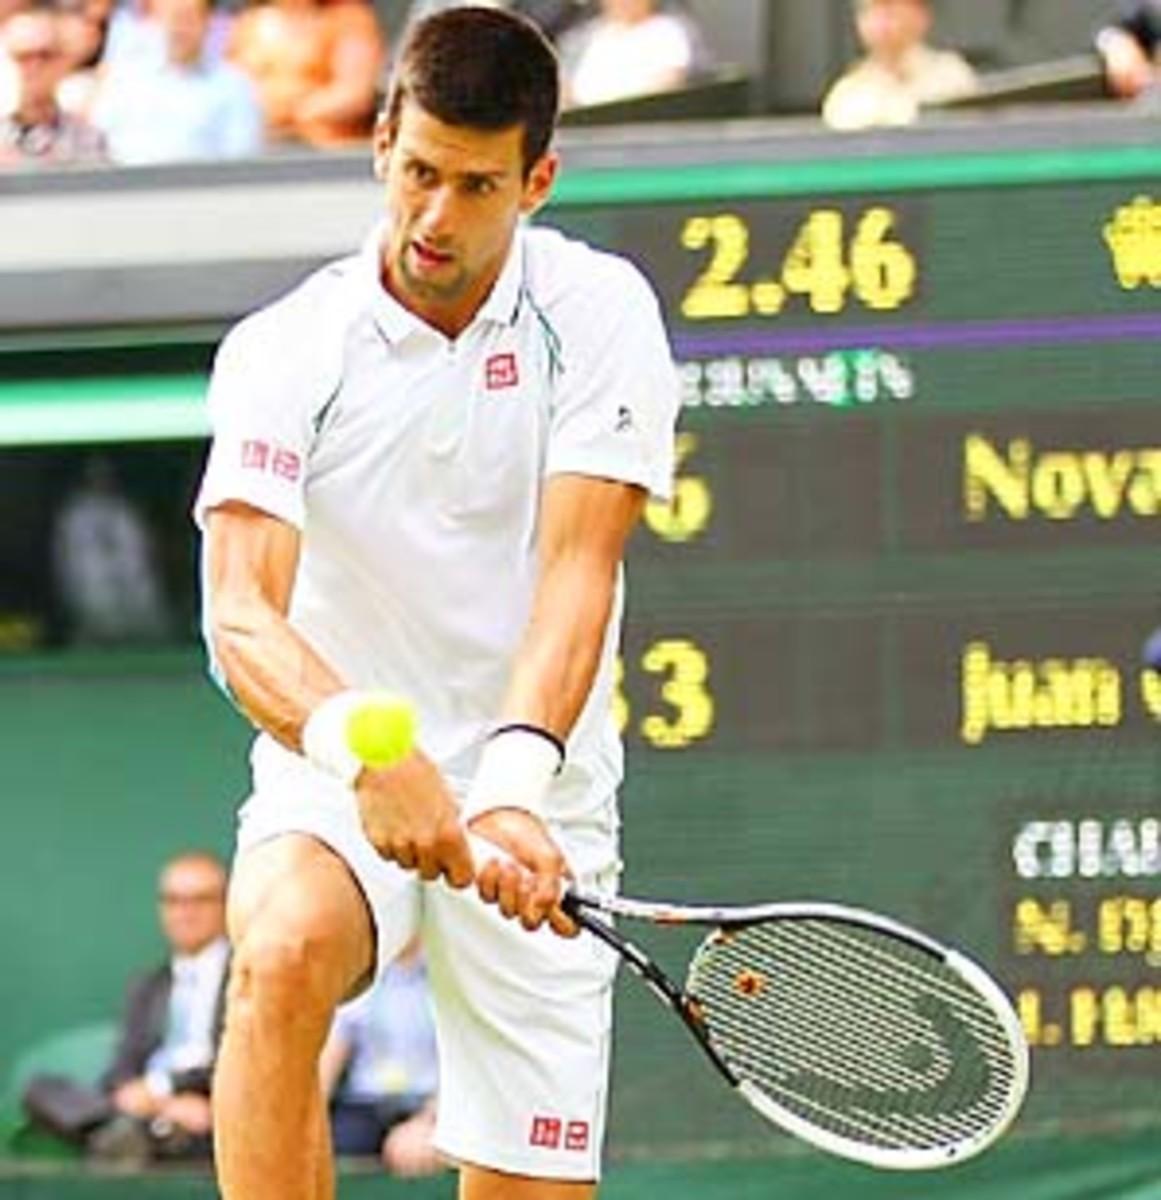 Novak Djokovic has made the semifinals of every major since Wimbledon 2010.